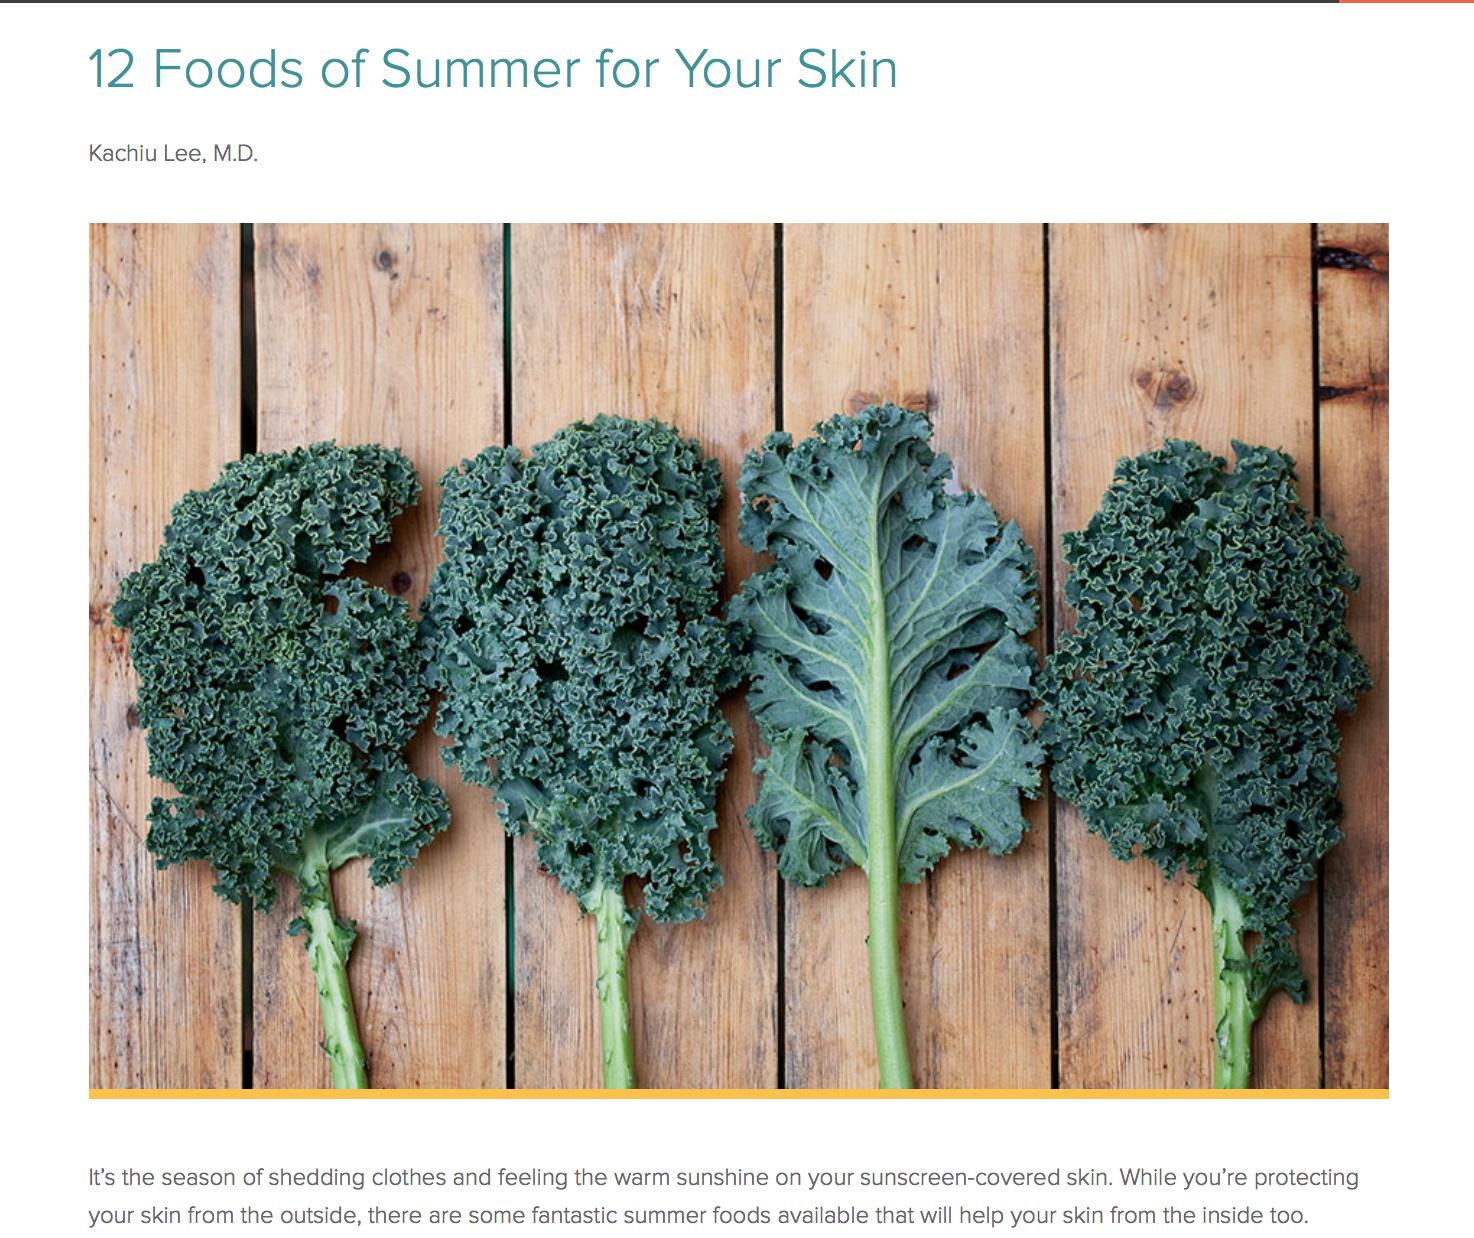 Summer Food tips